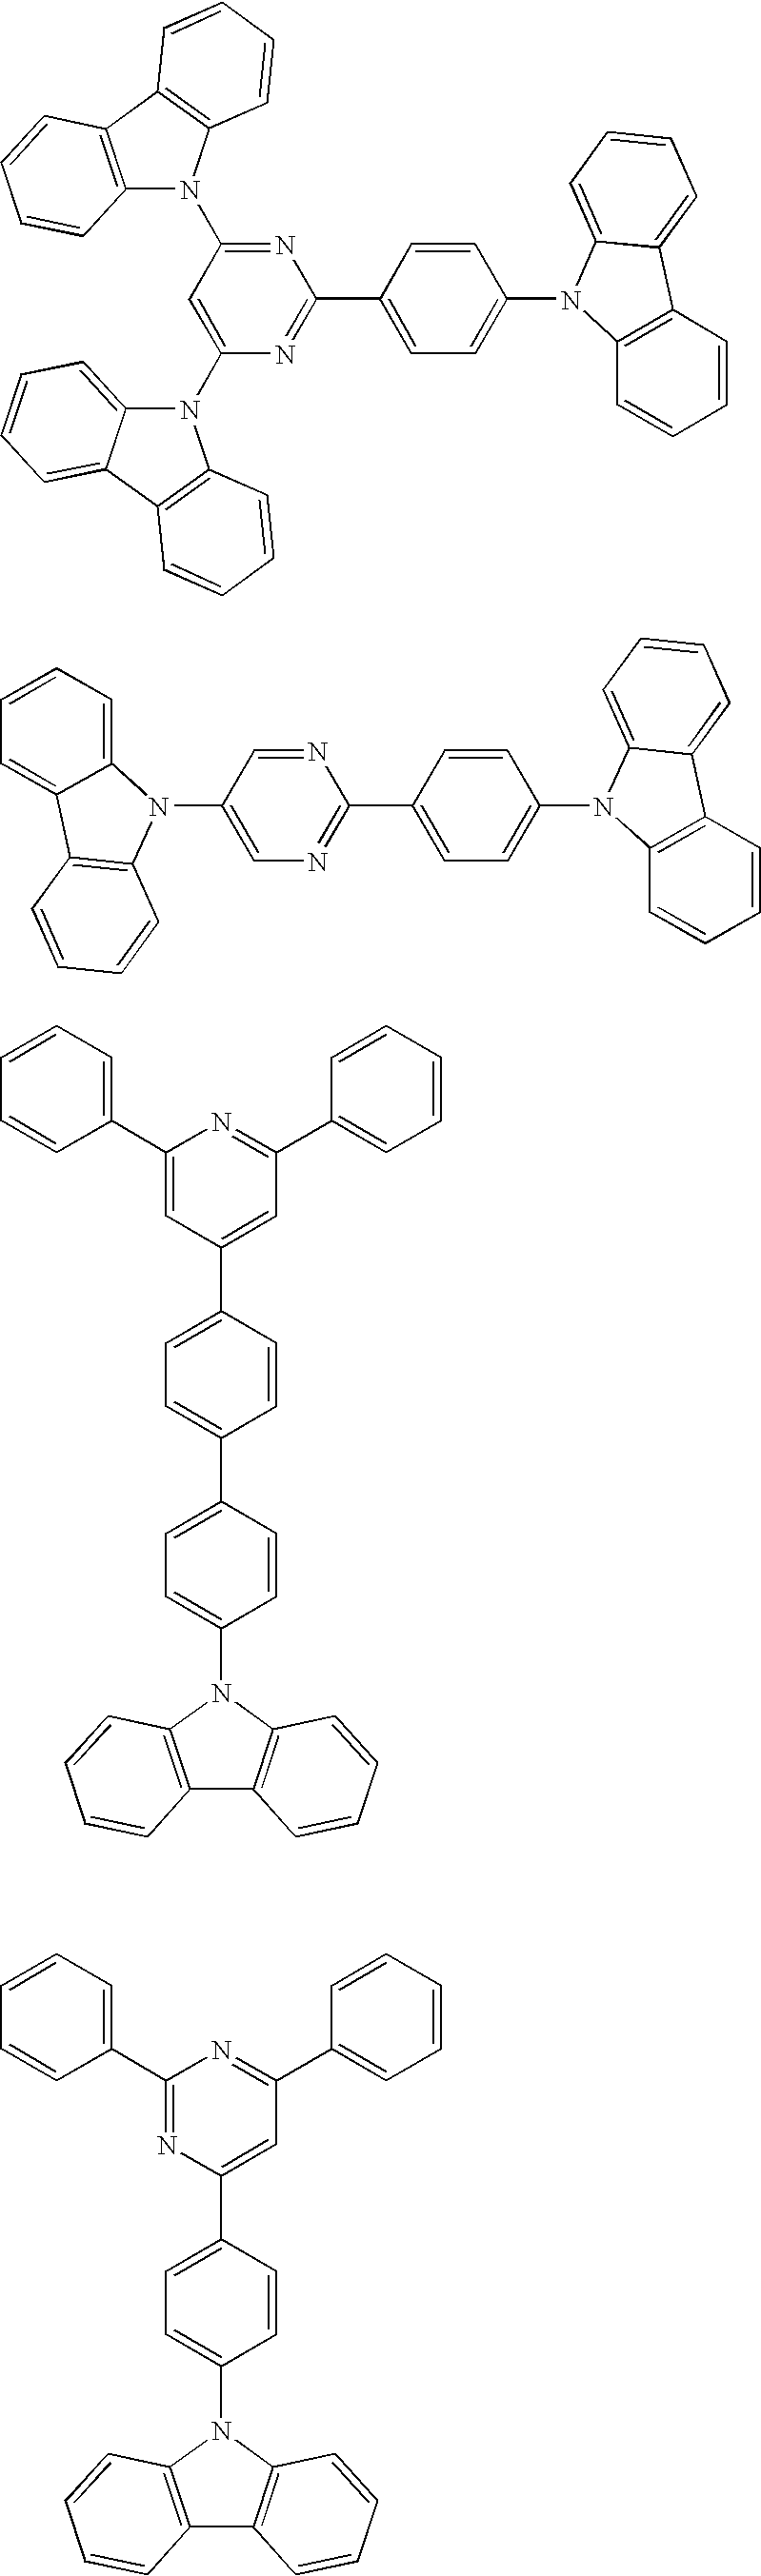 Figure US20070069638A1-20070329-C00014